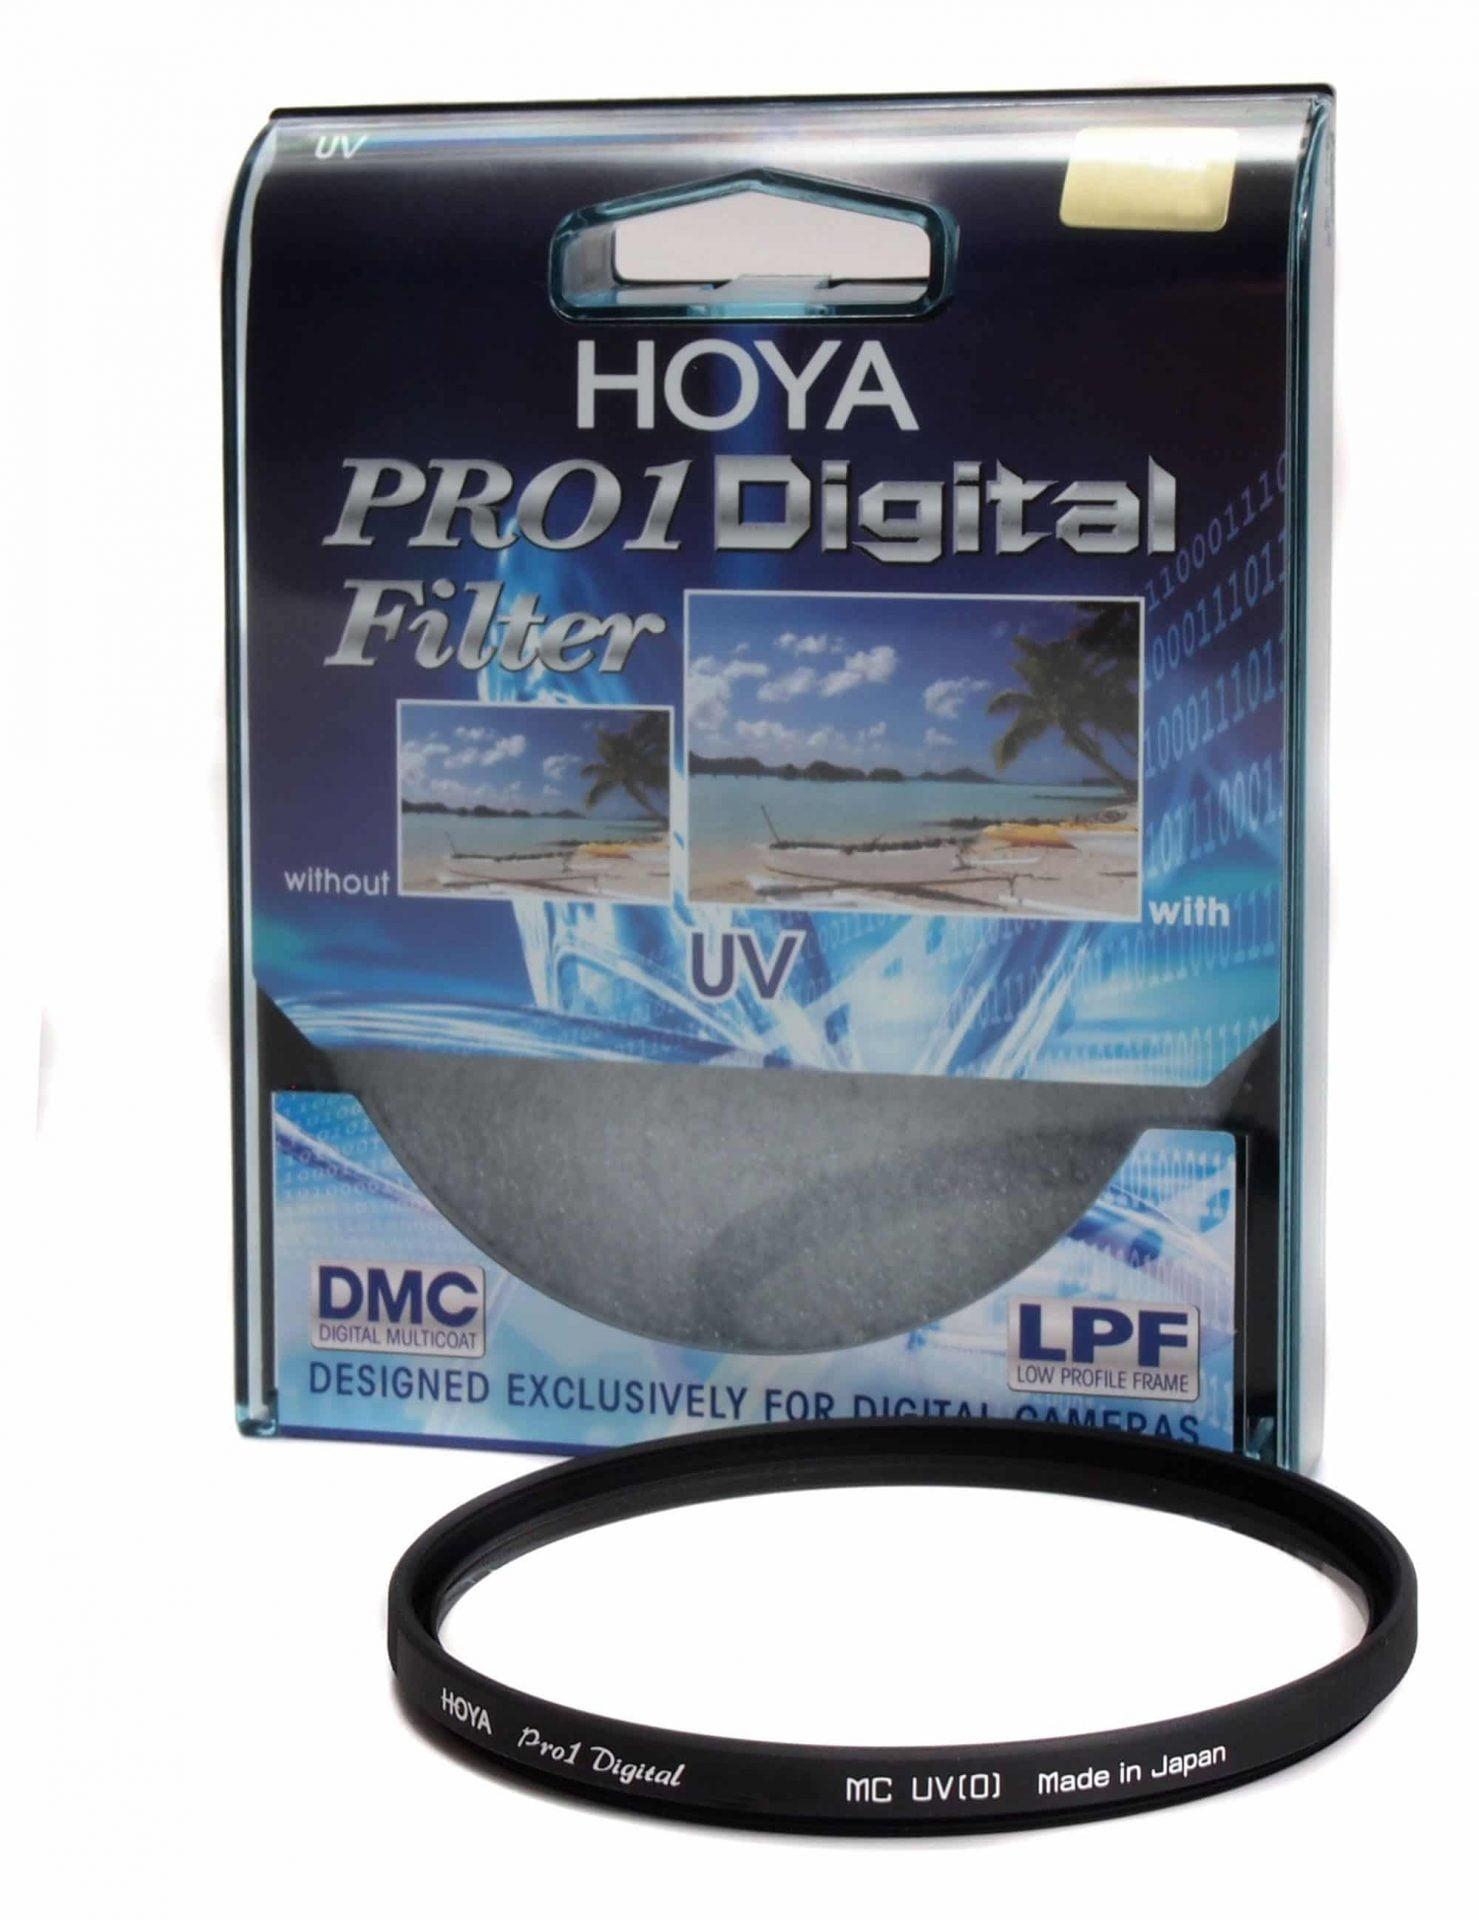 Hoya 82mm UV Pro 1 Digital Filter